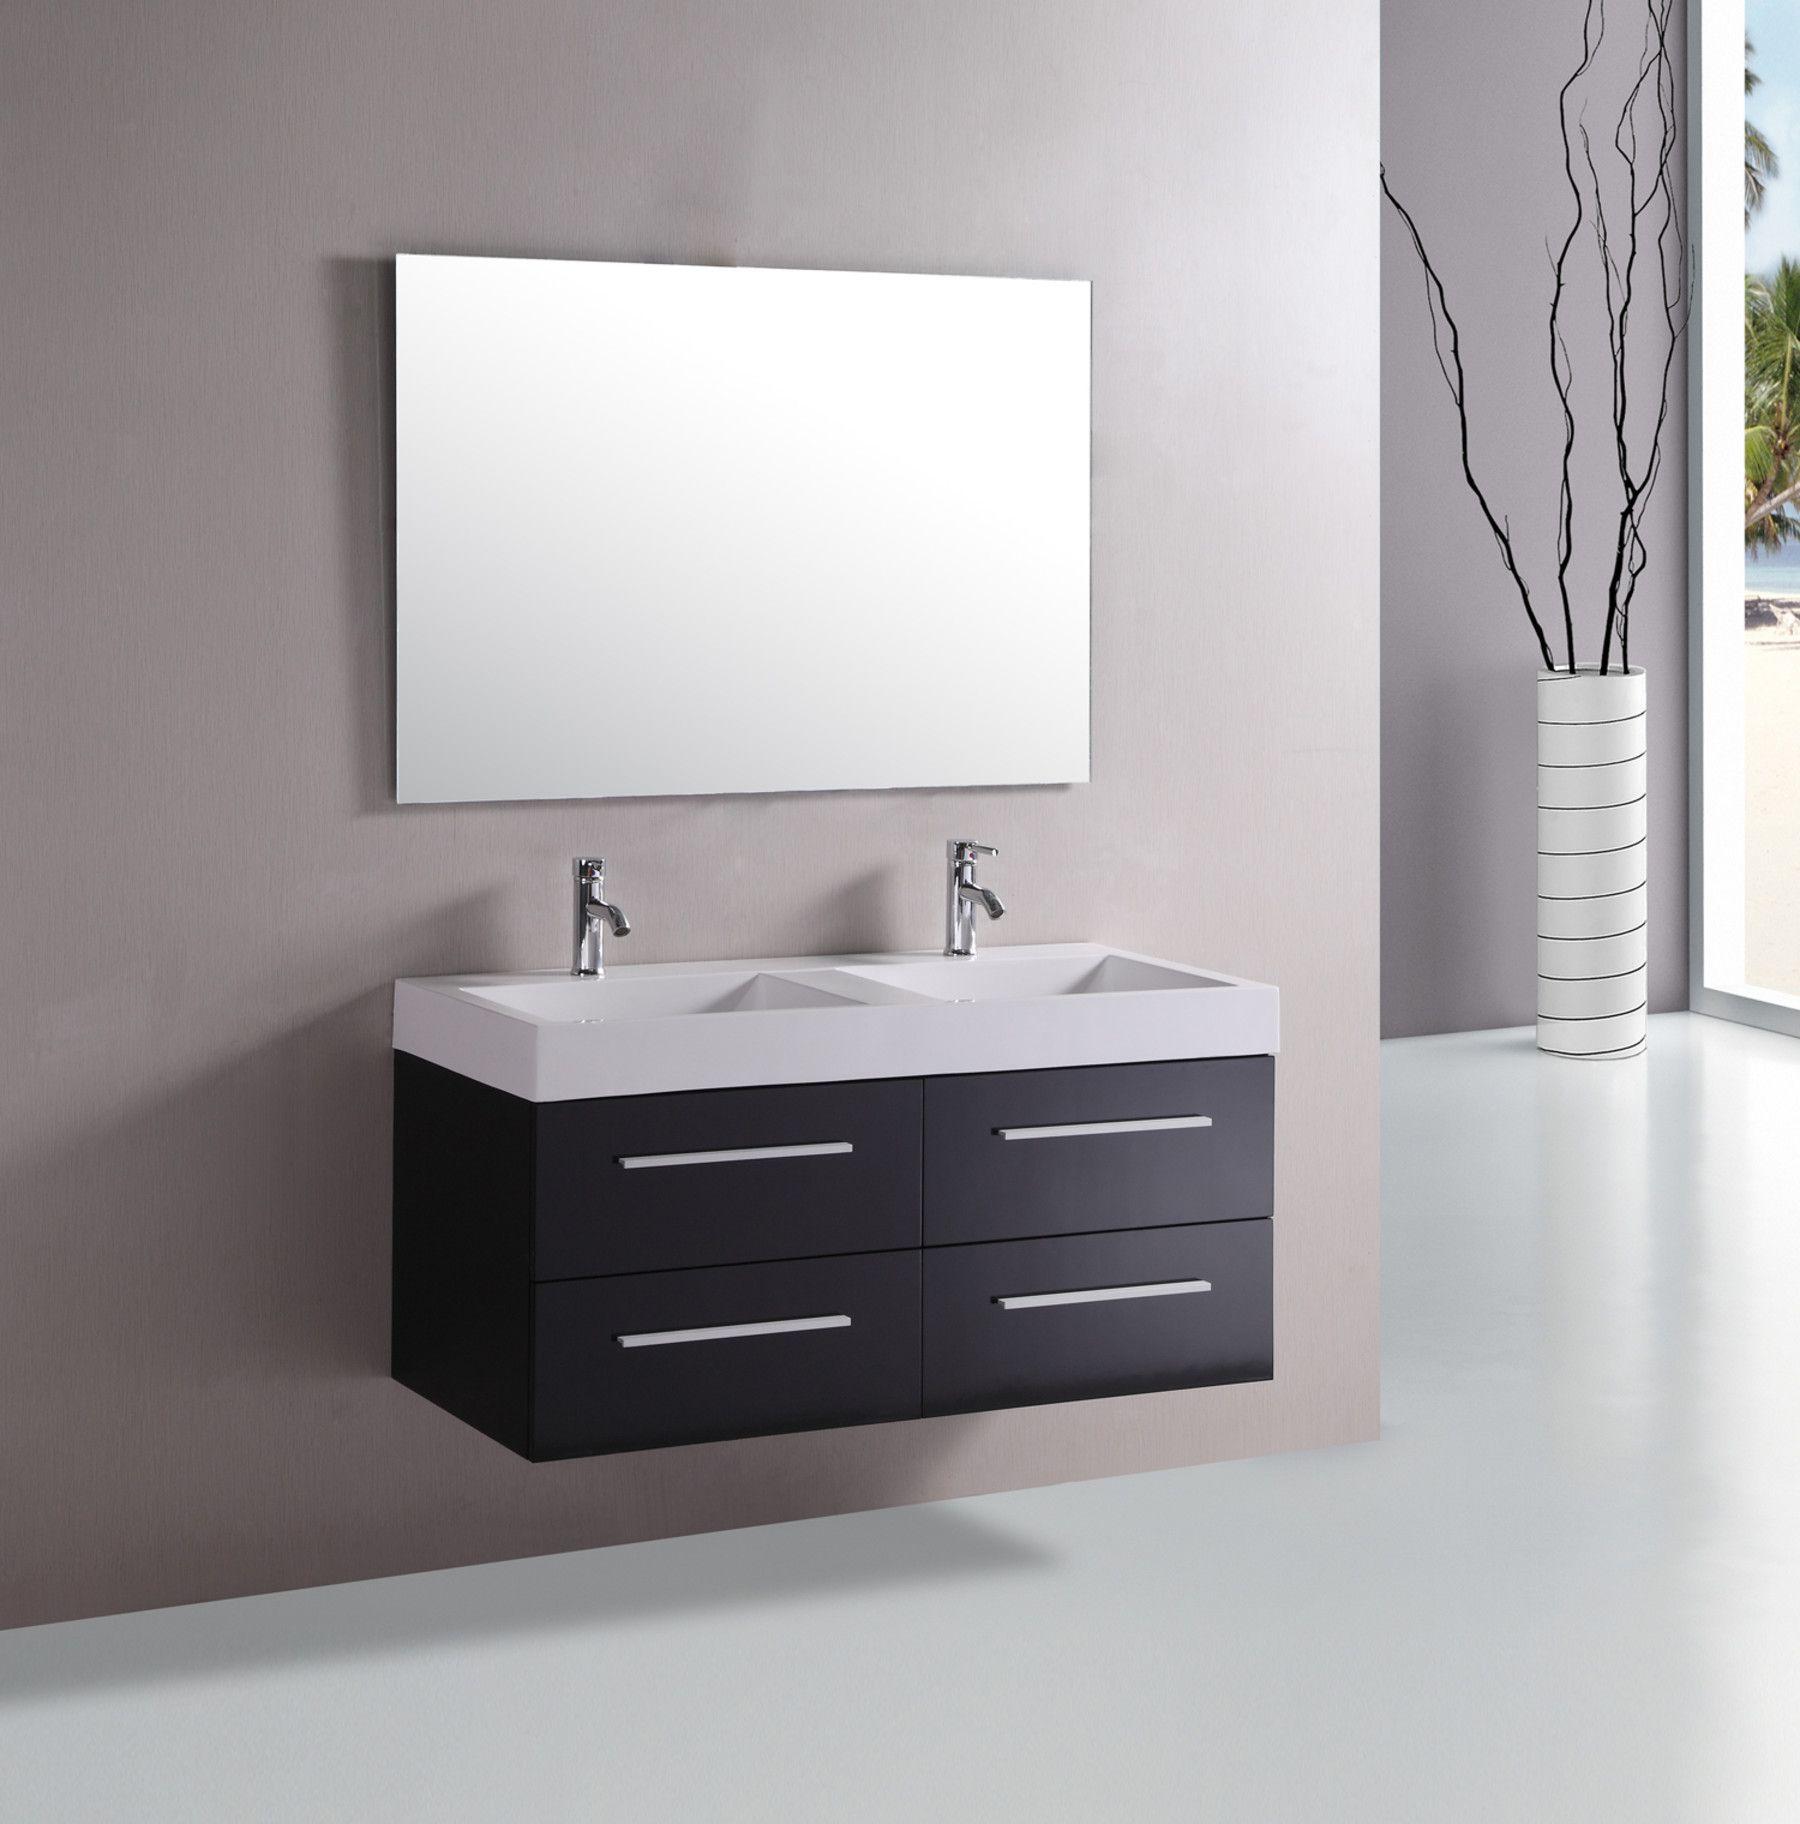 wooden ikea bathroom vanities | Floating Bathroom Sink Design With Simple Wooden Cabinet ...